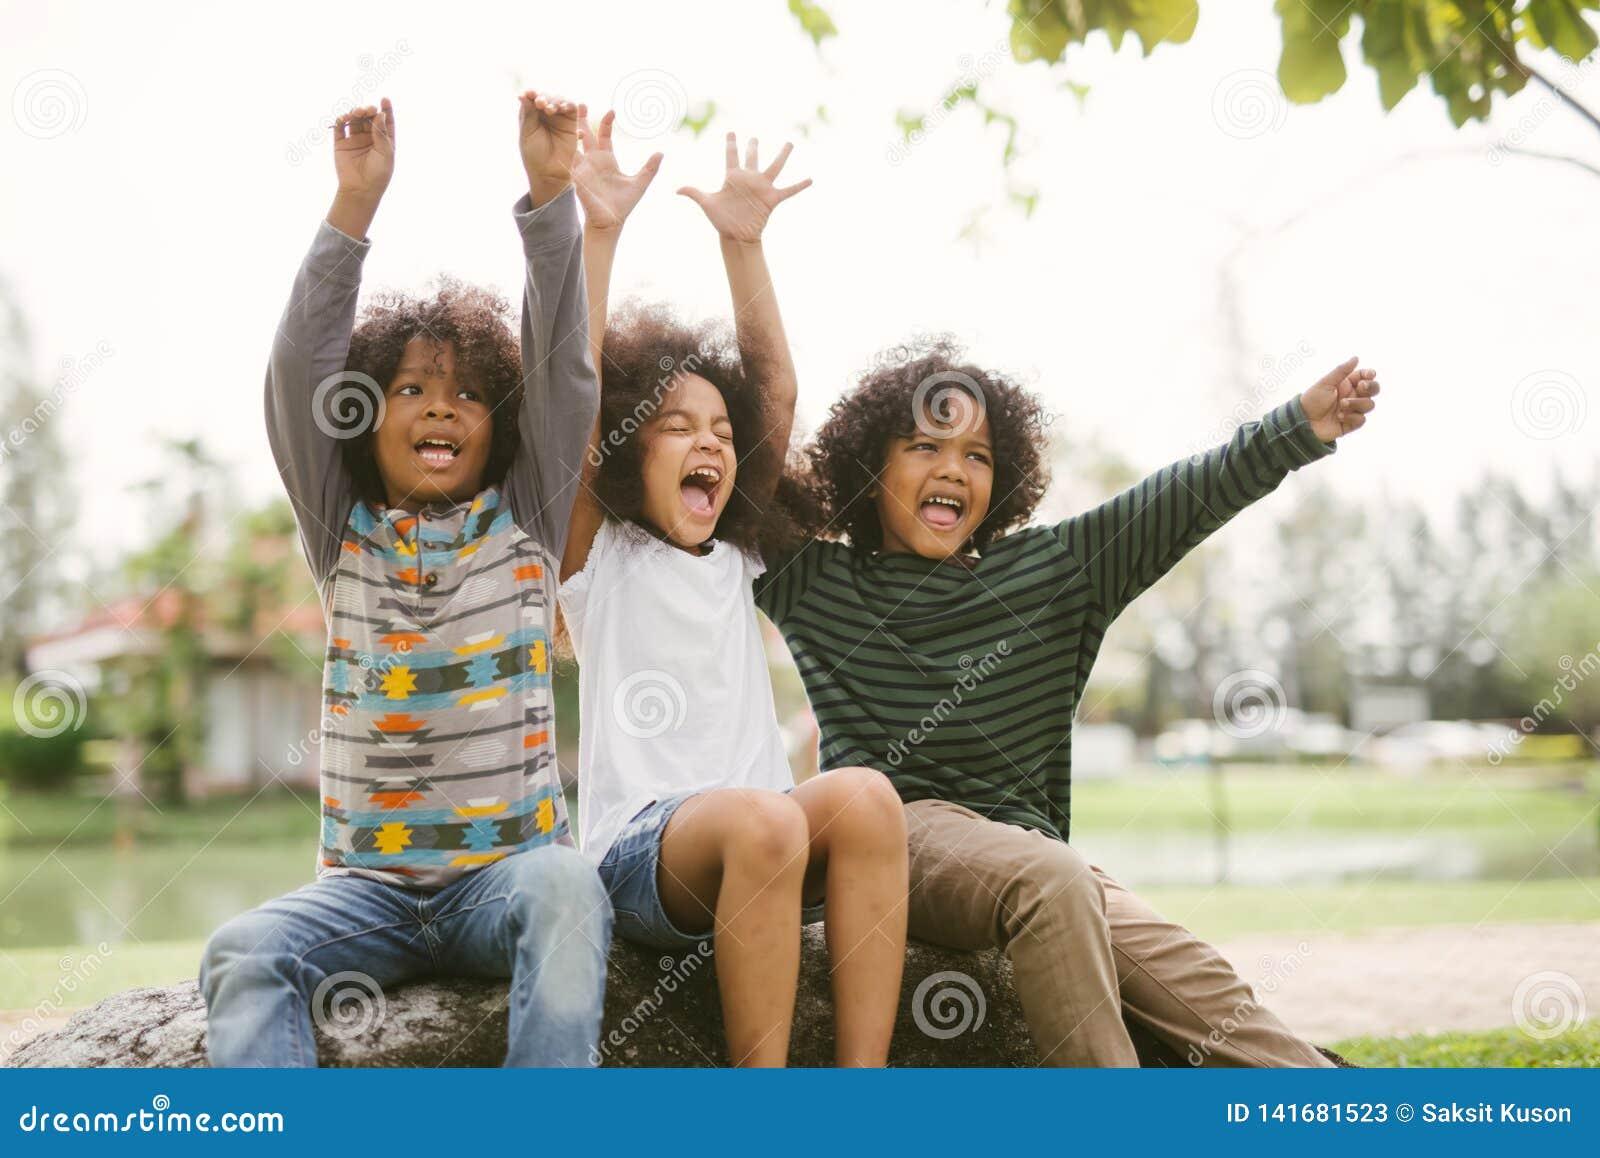 Niños afroamericanos felices de los niños del niño pequeño alegre alegres y risa Concepto de felicidad